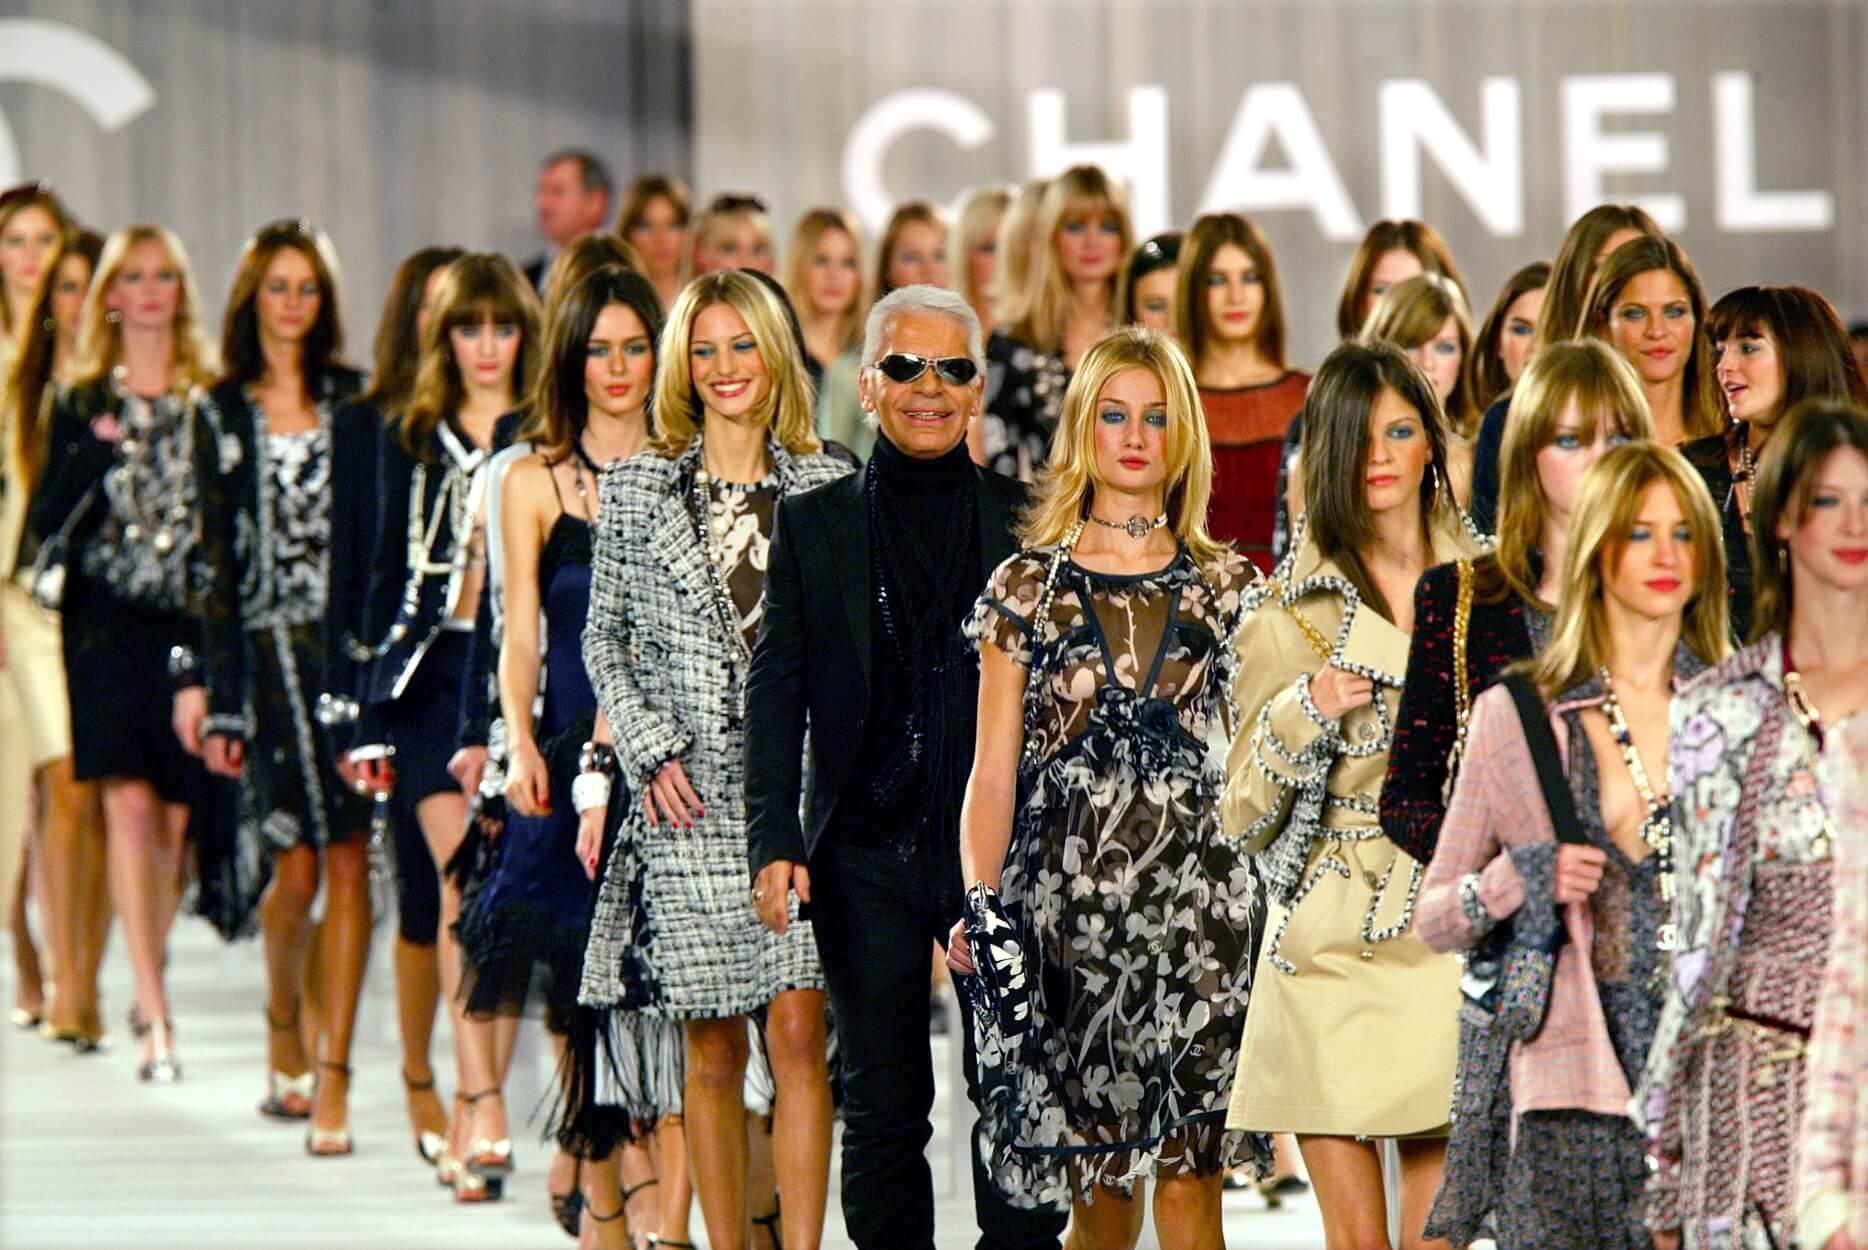 Παρίσι: Πρώτη εβδομάδα μόδας χωρίς τον Καρλ Λάγκερφελντ